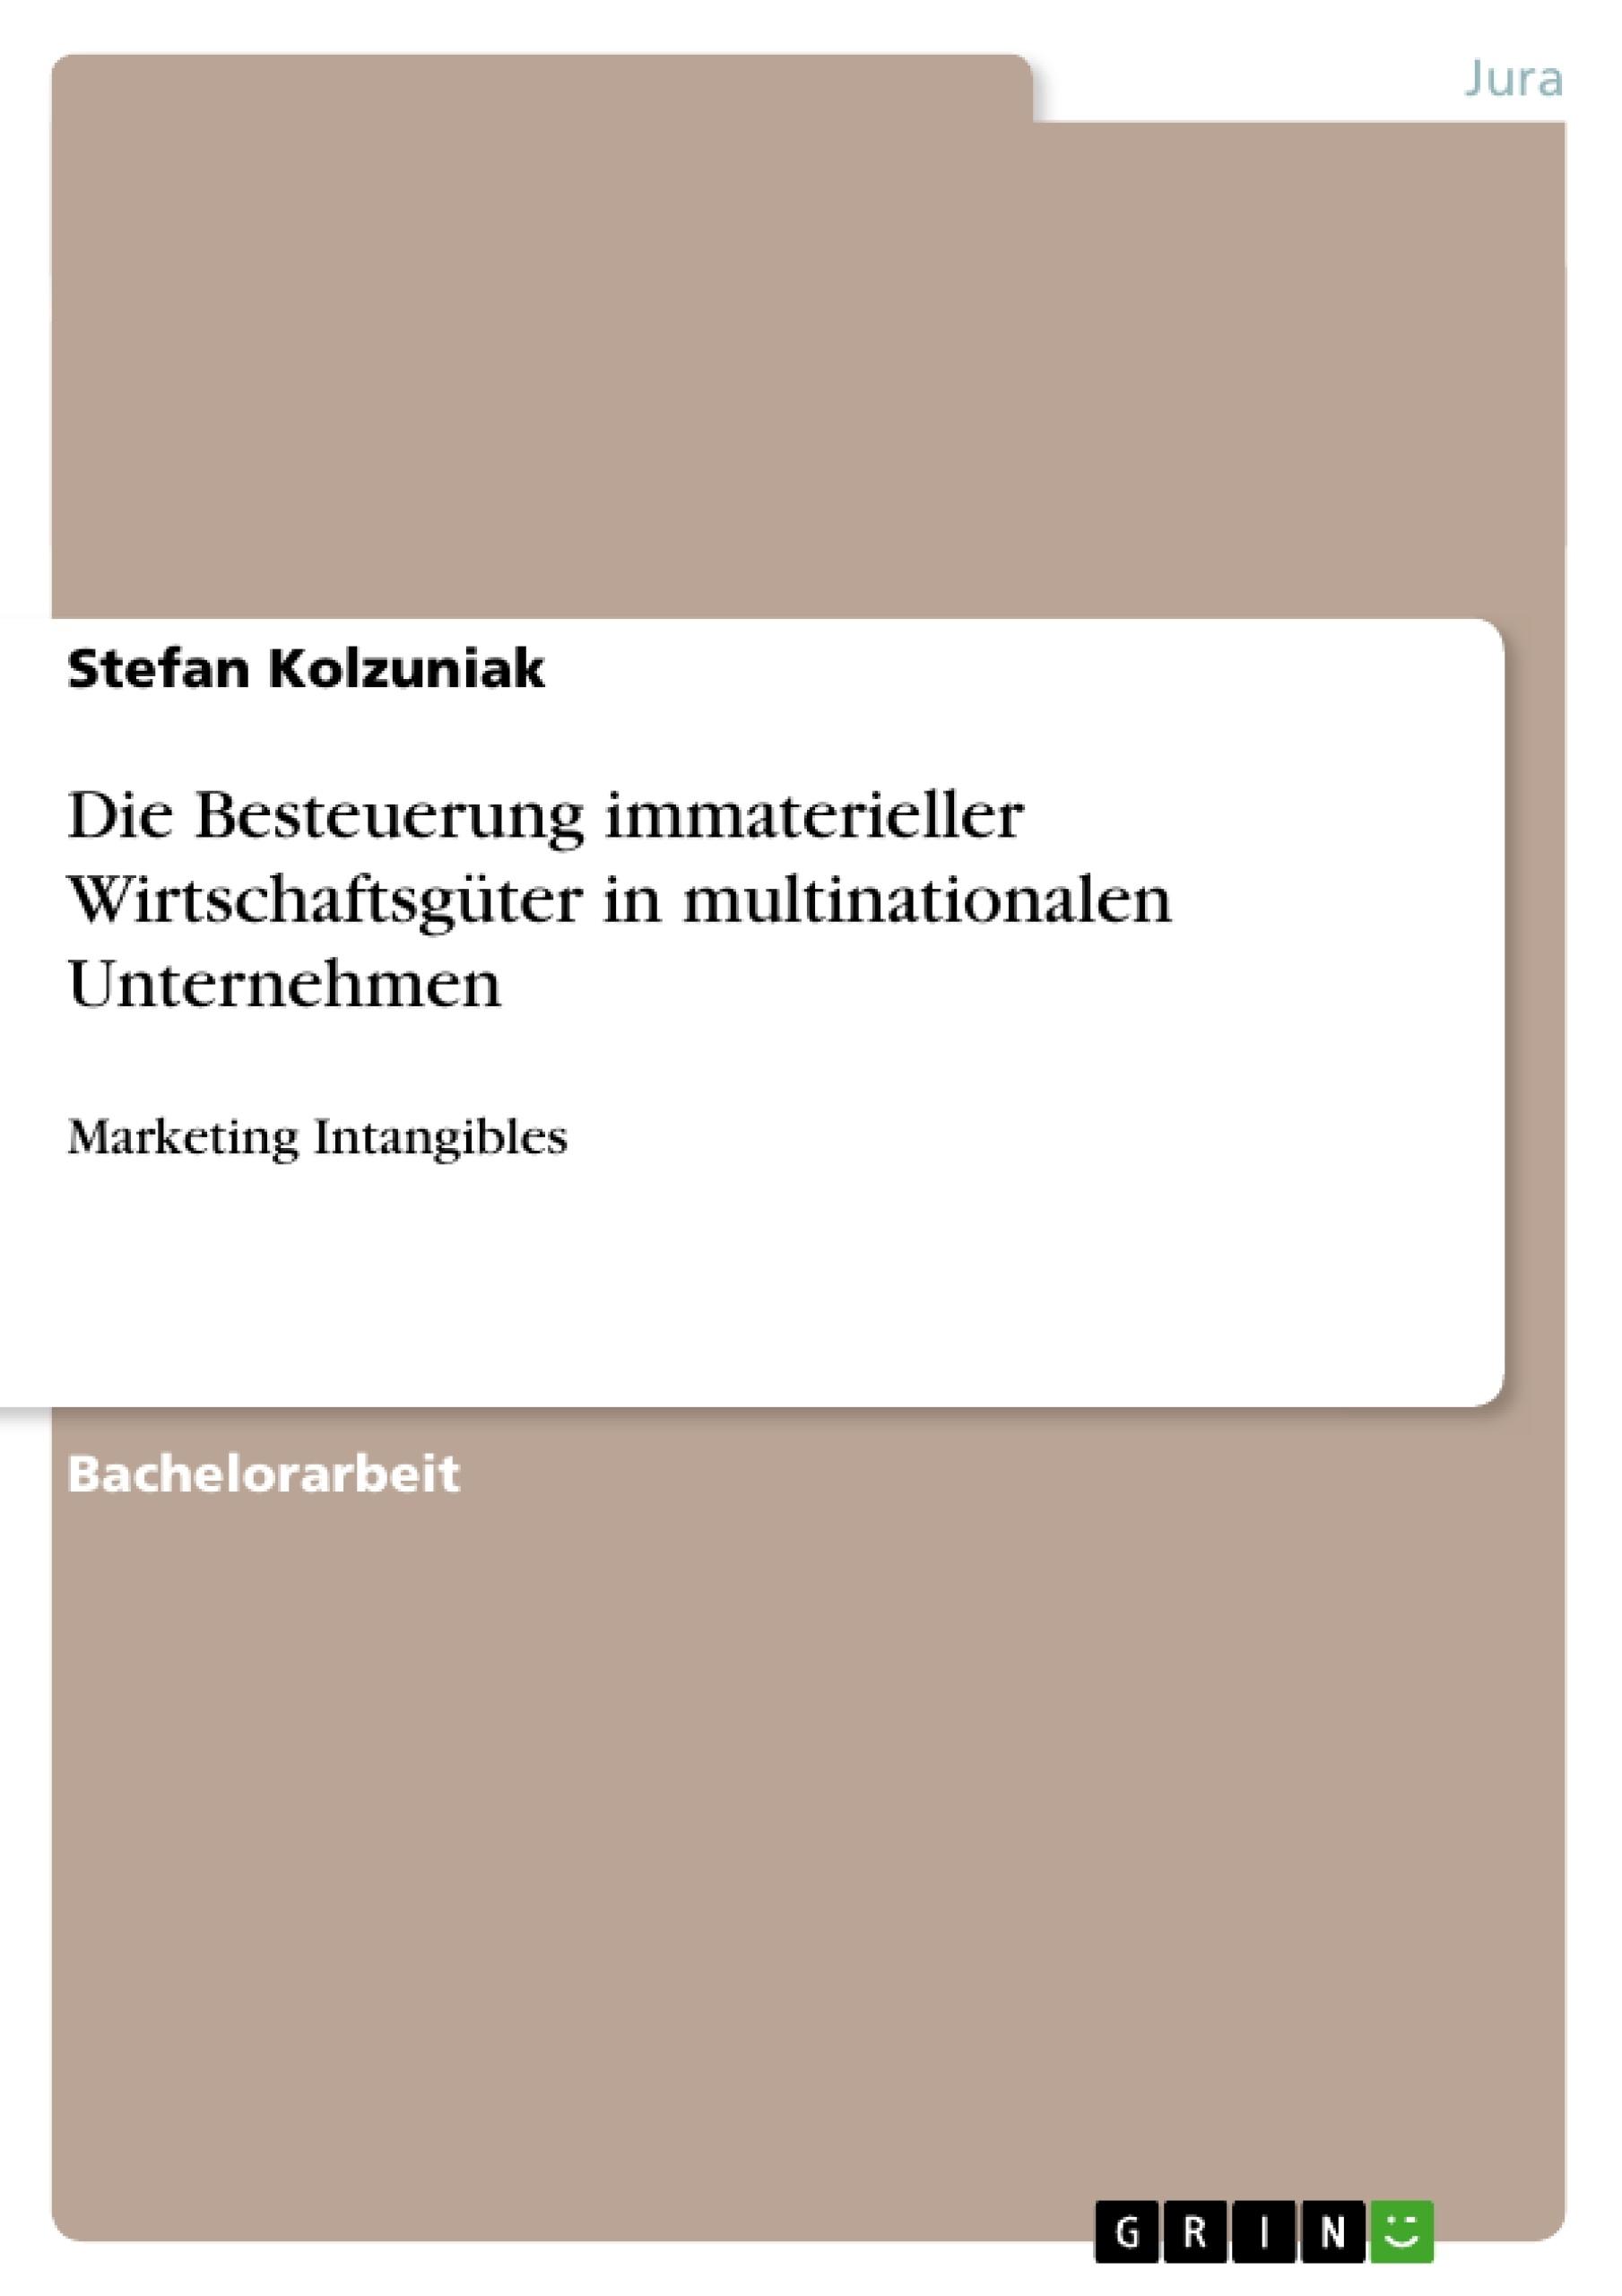 Titel: Die Besteuerung immaterieller  Wirtschaftsgüter in multinationalen Unternehmen